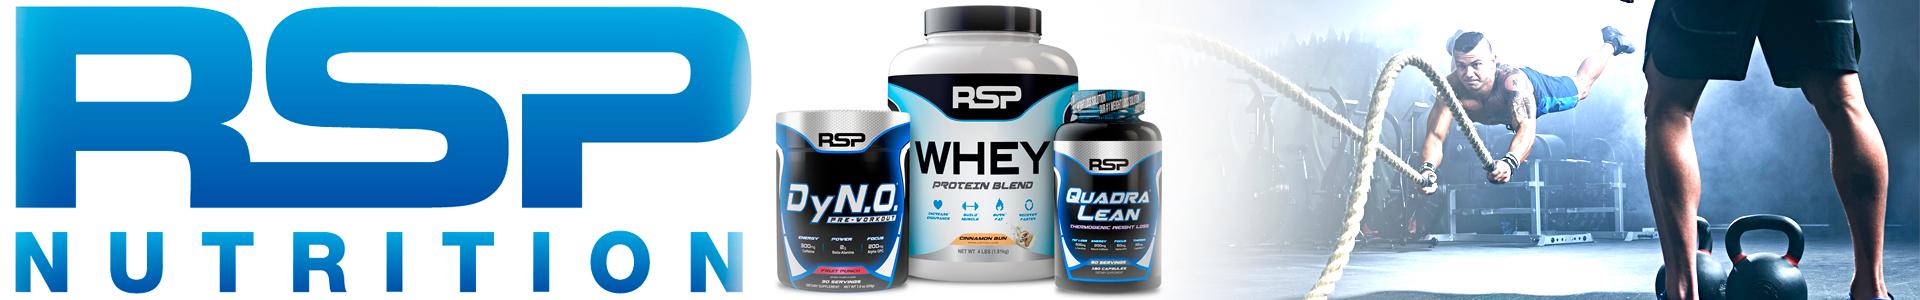 Спортивное питание RSP Nutrition - Купить по лучшим ценам от производителя - Прямые поставки из США